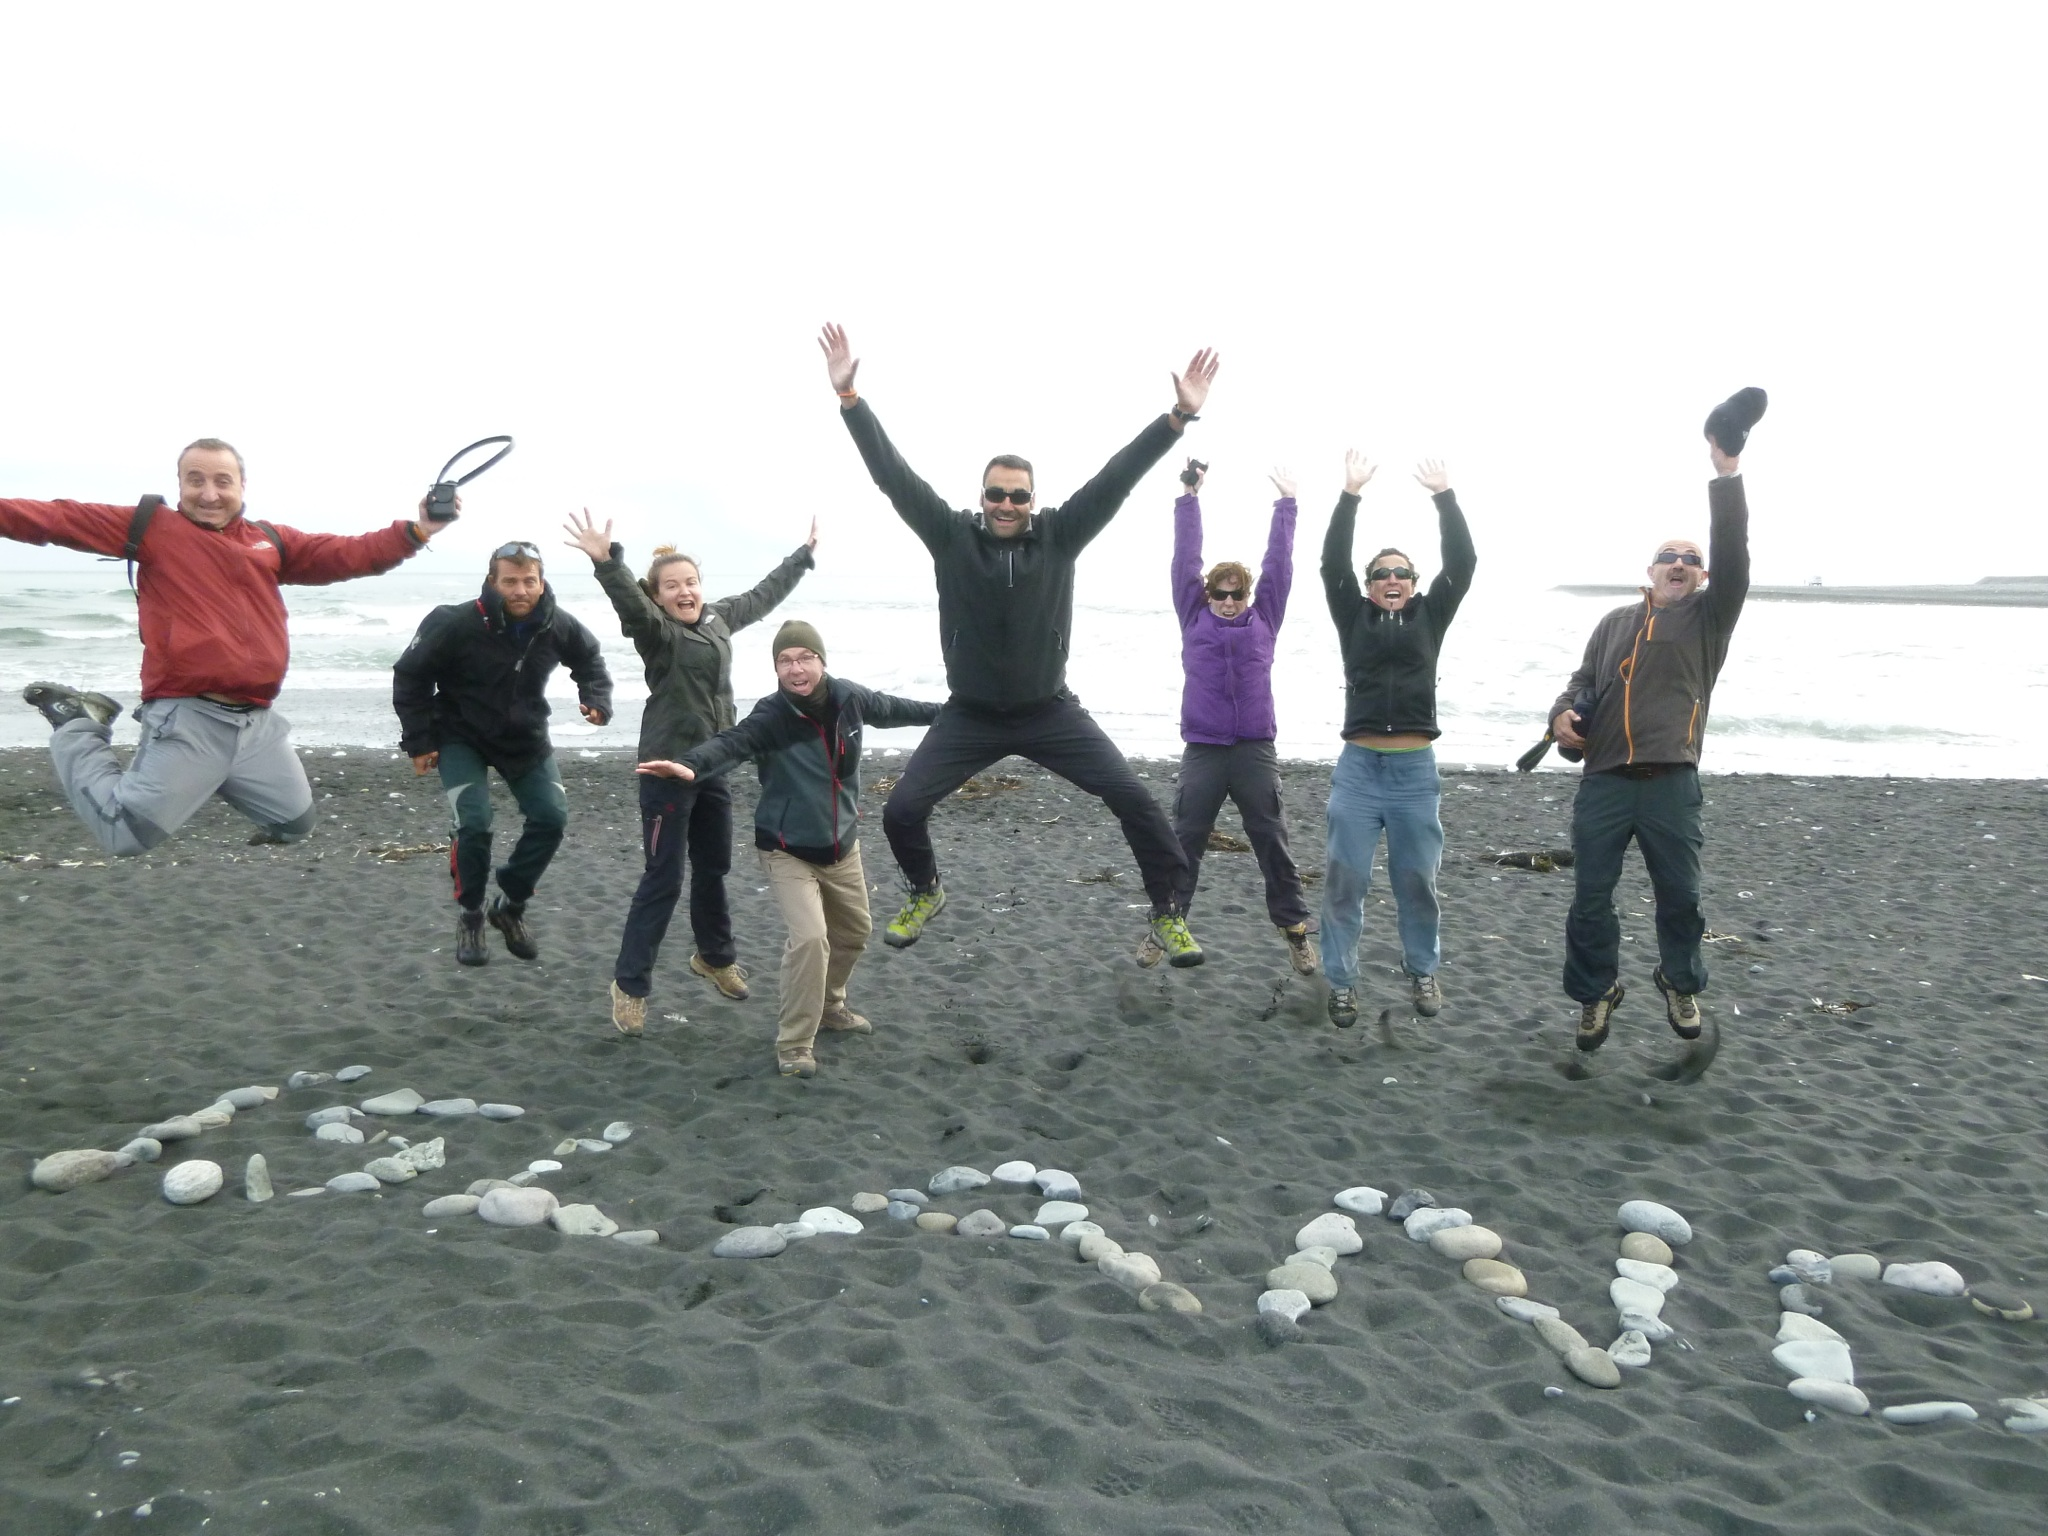 JOSE LUIS VELASCO DOMINGUEZ – Fotos del viaje Sur de Islandia